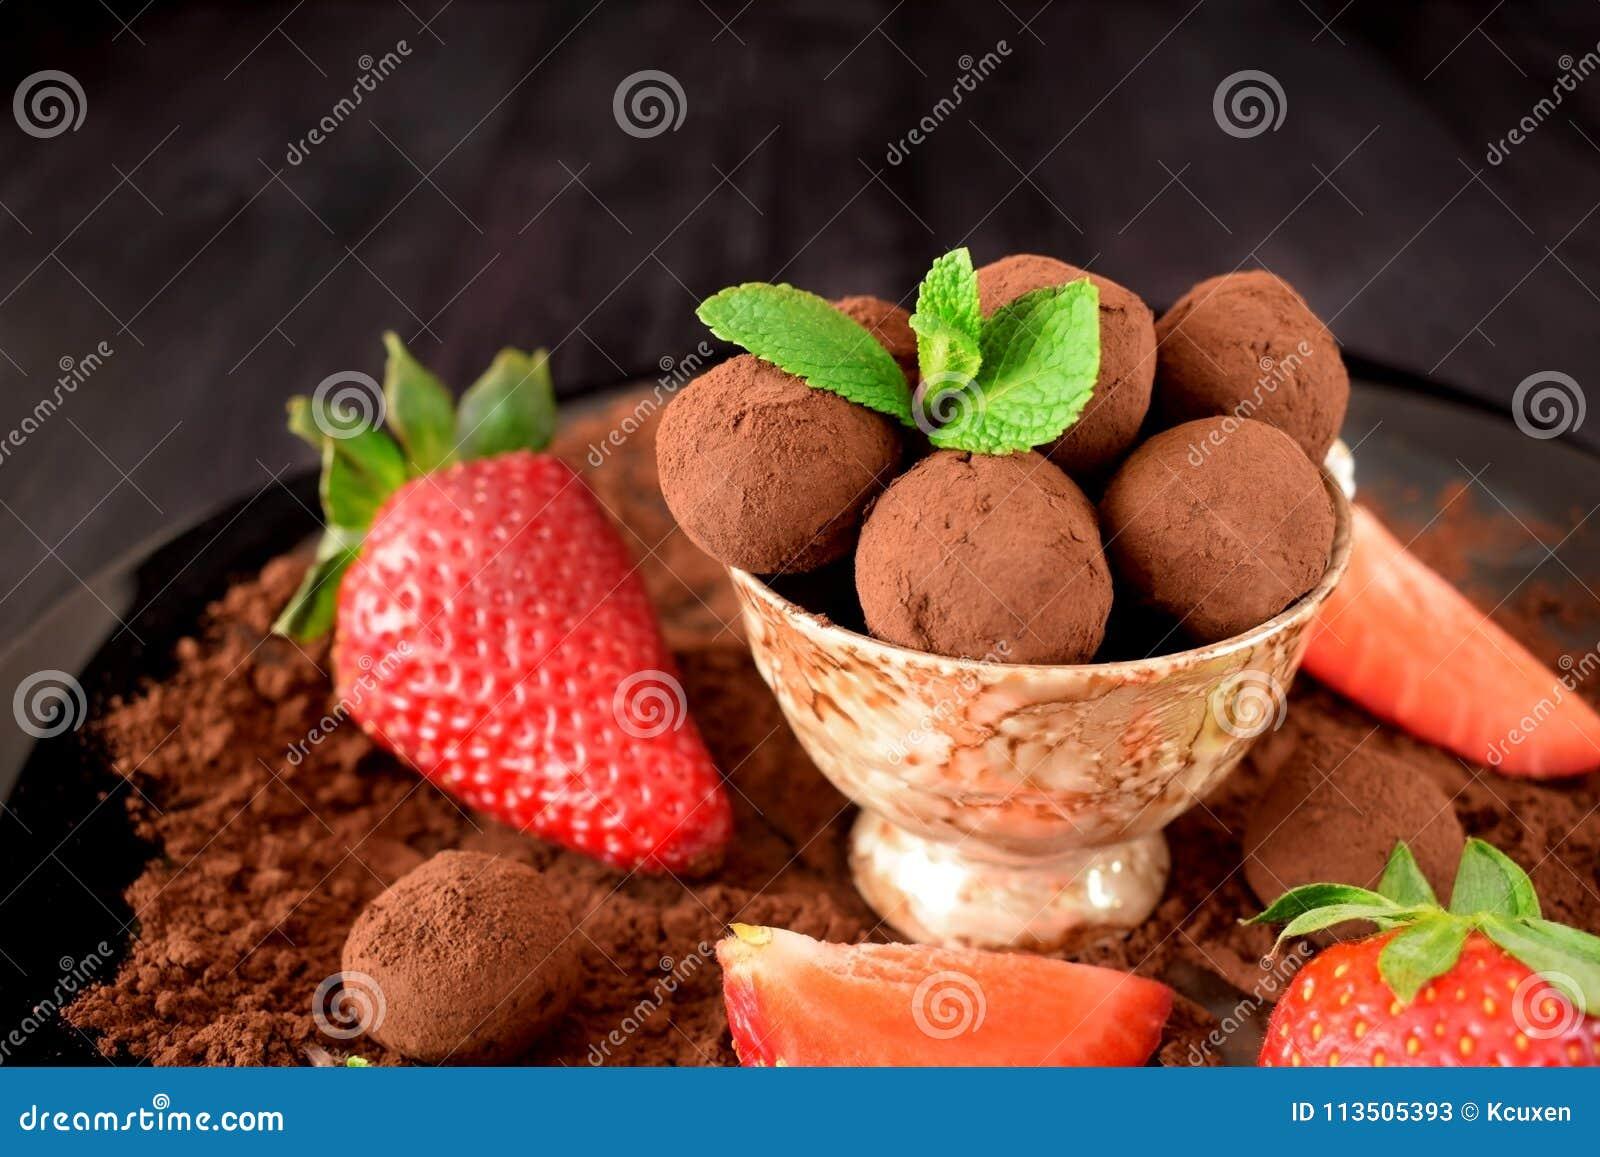 Trufas de chocolate en una taza marrón